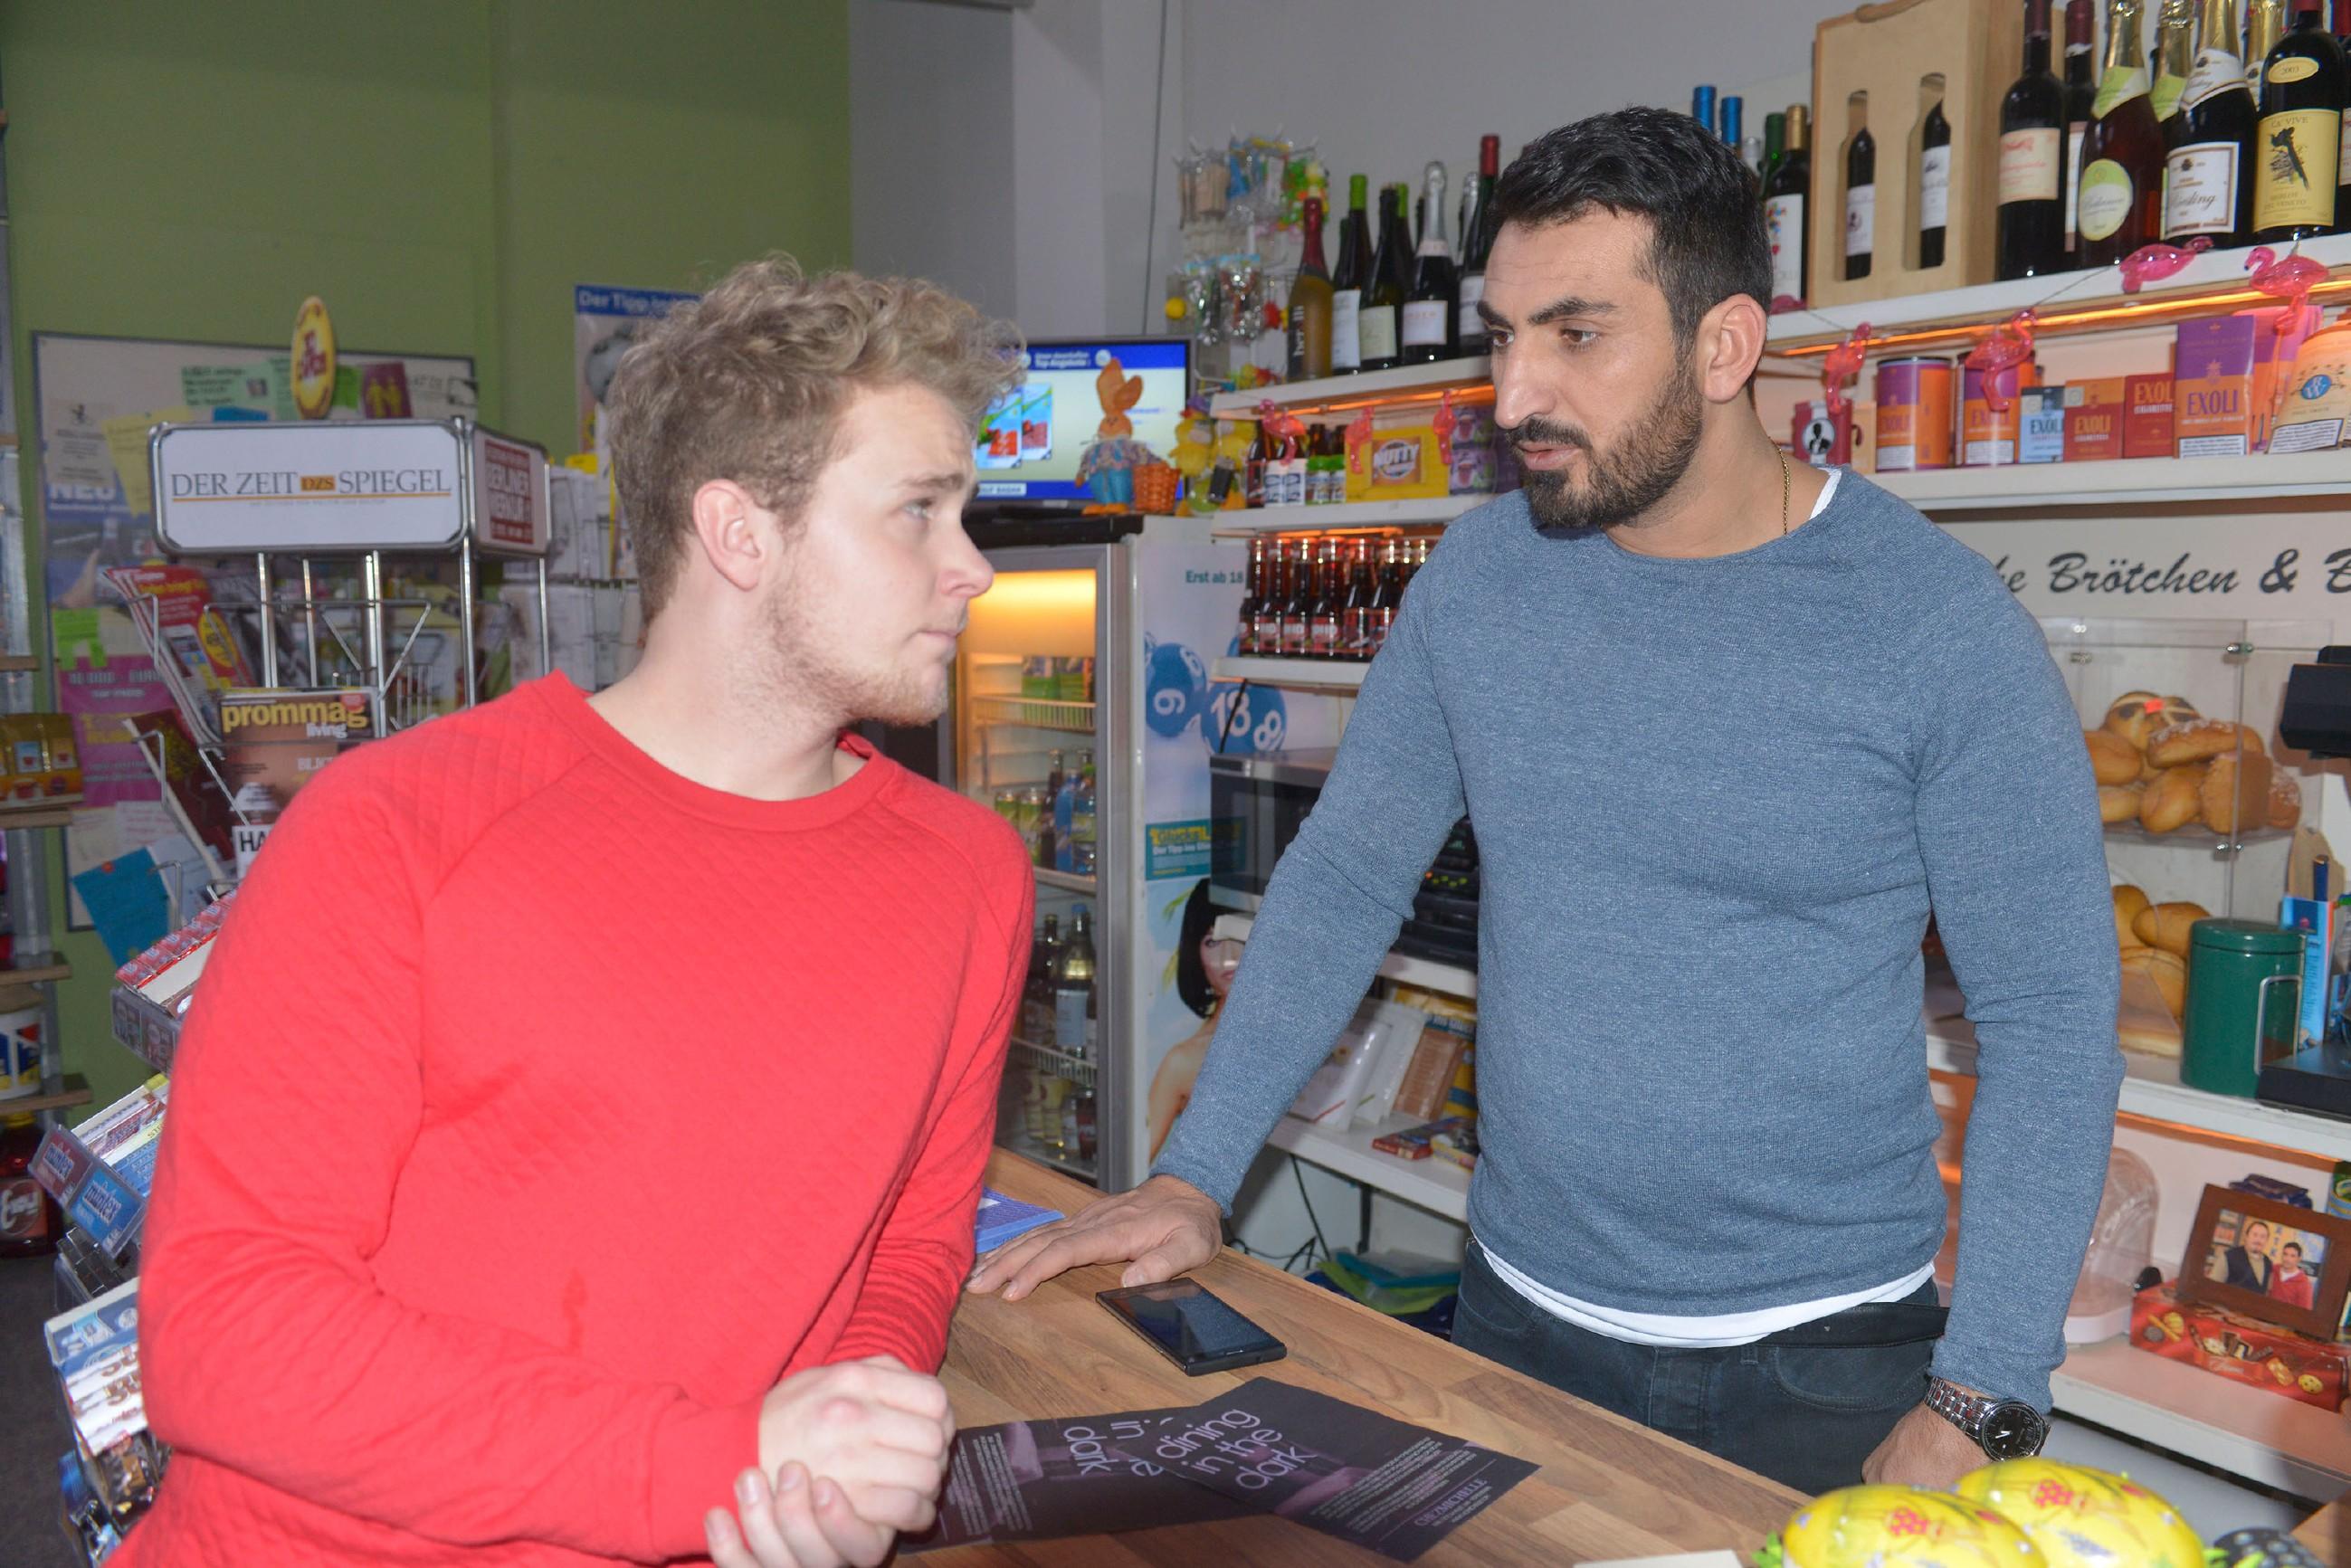 Jonas (Felix van Deventer, l.) bemerkt Mesuts (Mustafa Alin) Nervosität, die offenbar mit seiner Chatpartnerin zu tun hat. (Quelle: RTL / Rolf Baumgartner)